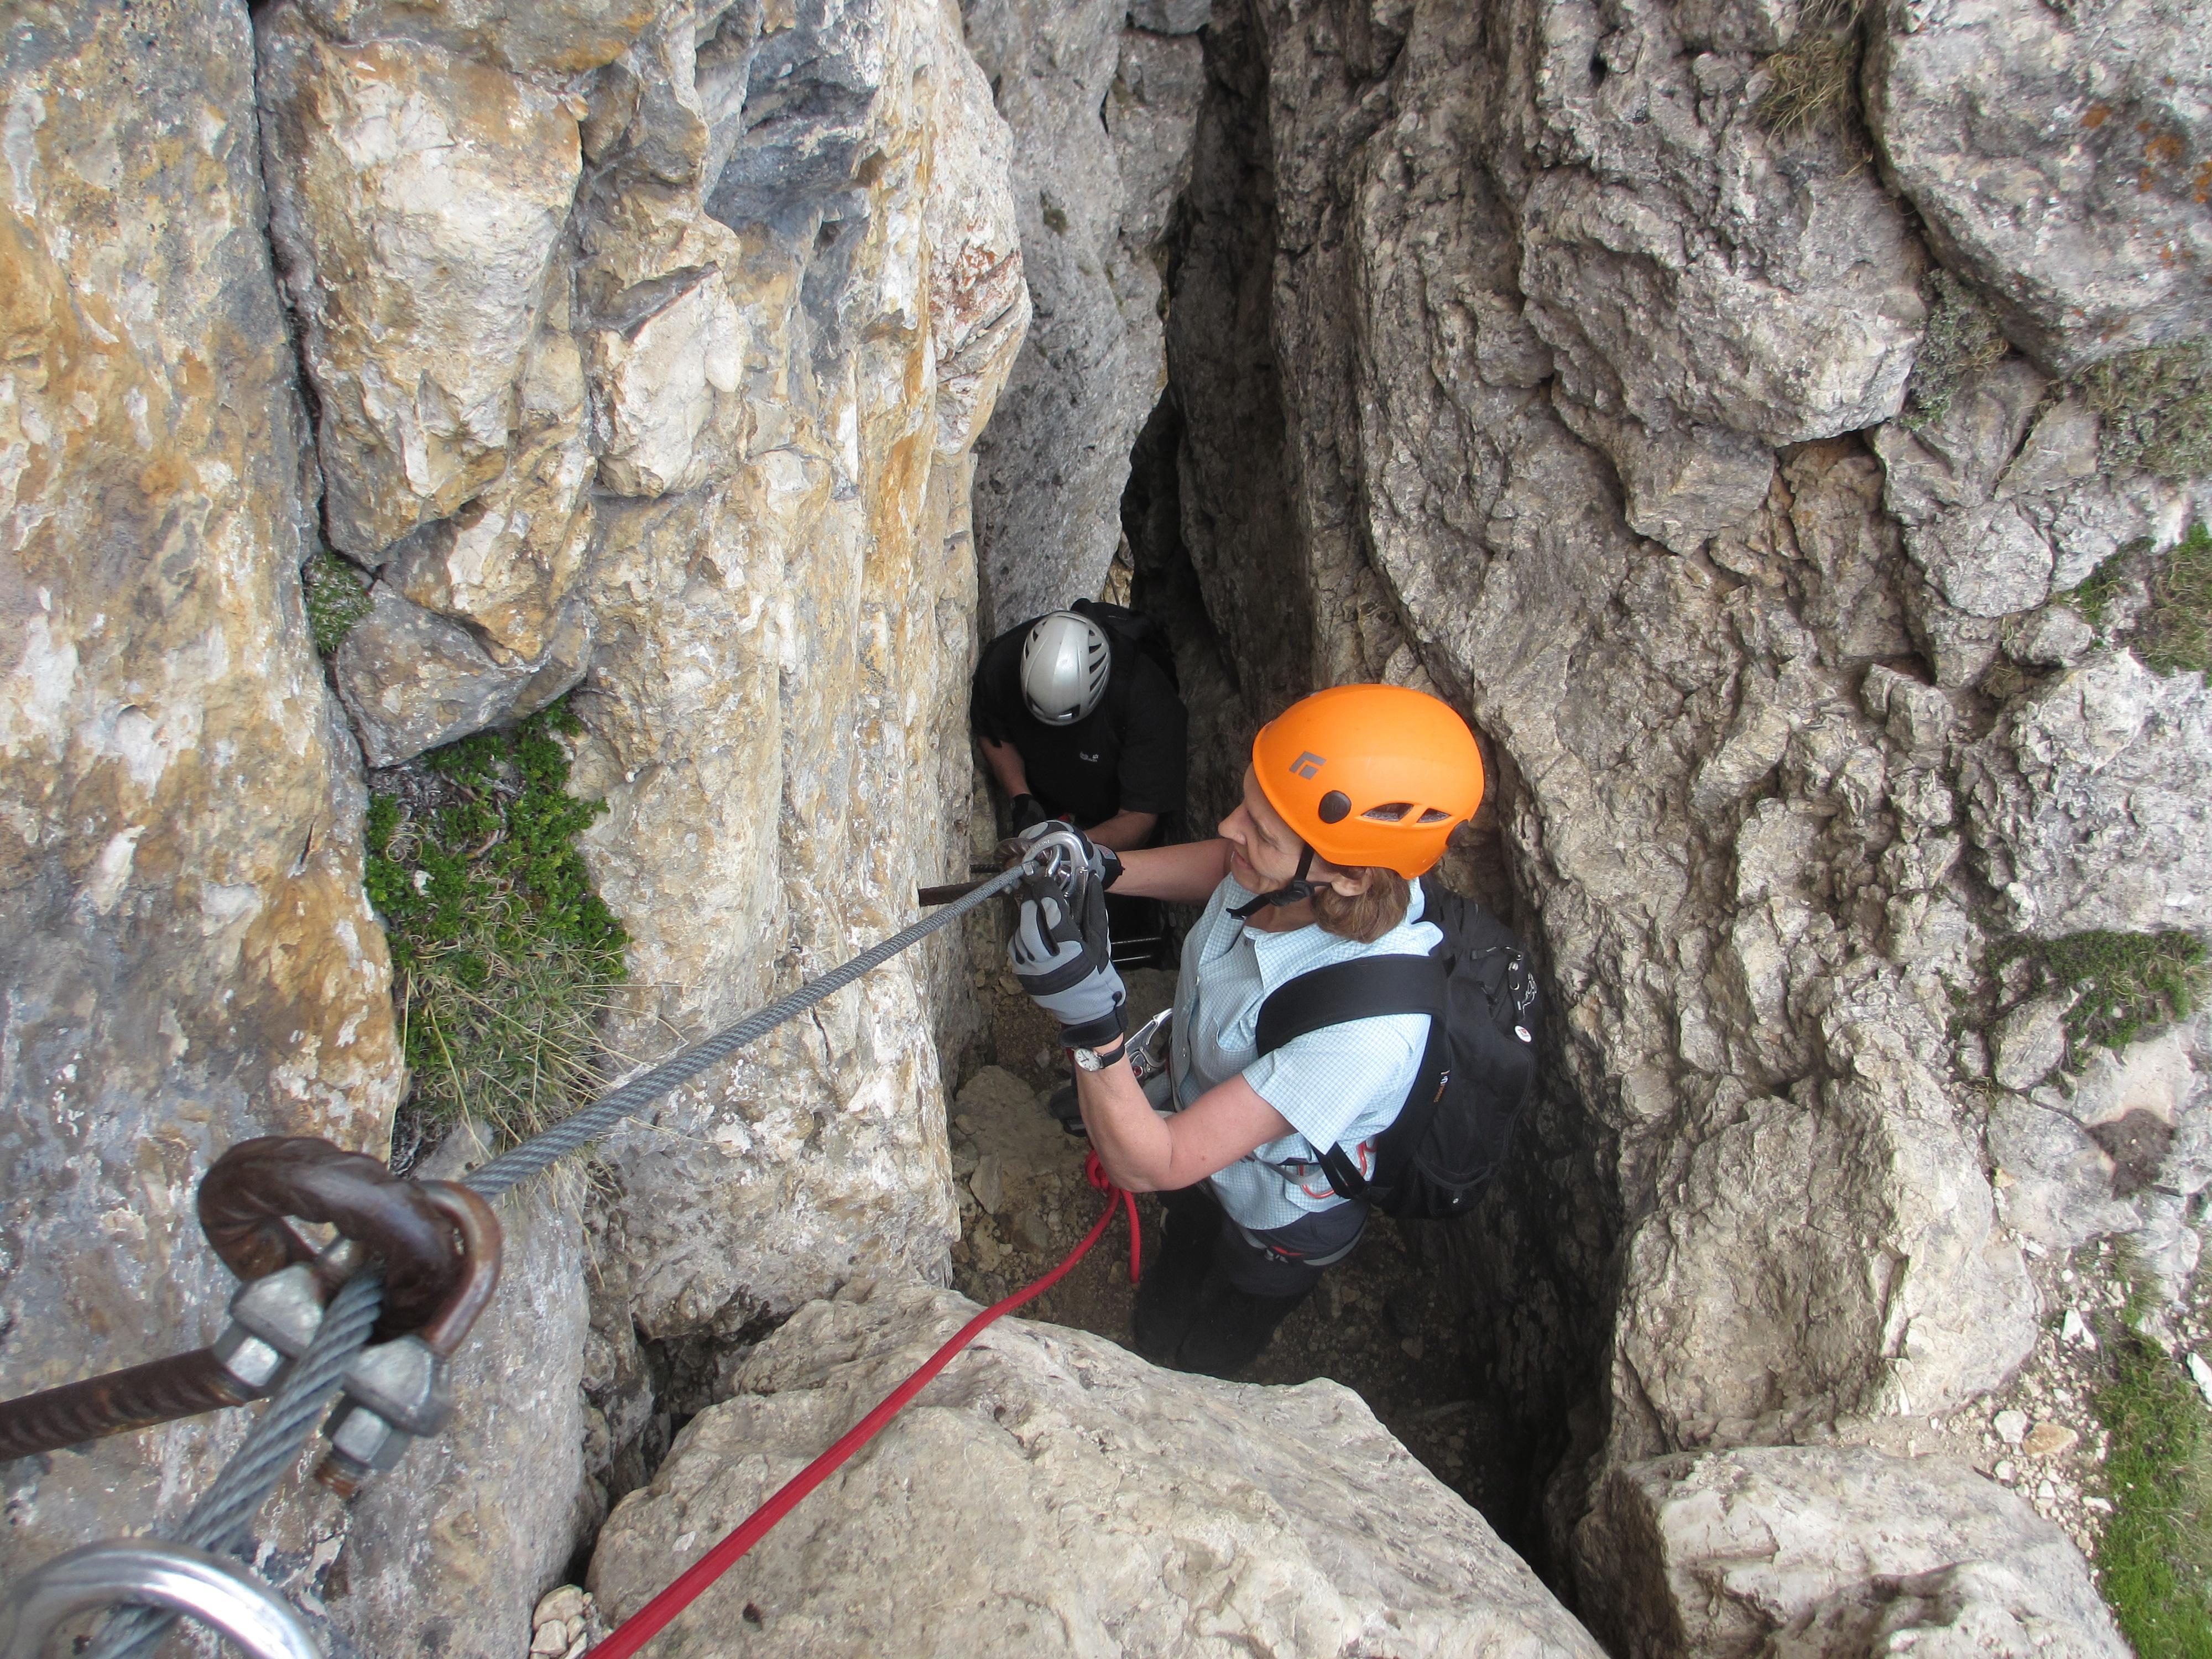 Klettersteig Equipment : Welches ist der perfekte rucksack für den klettersteig und was